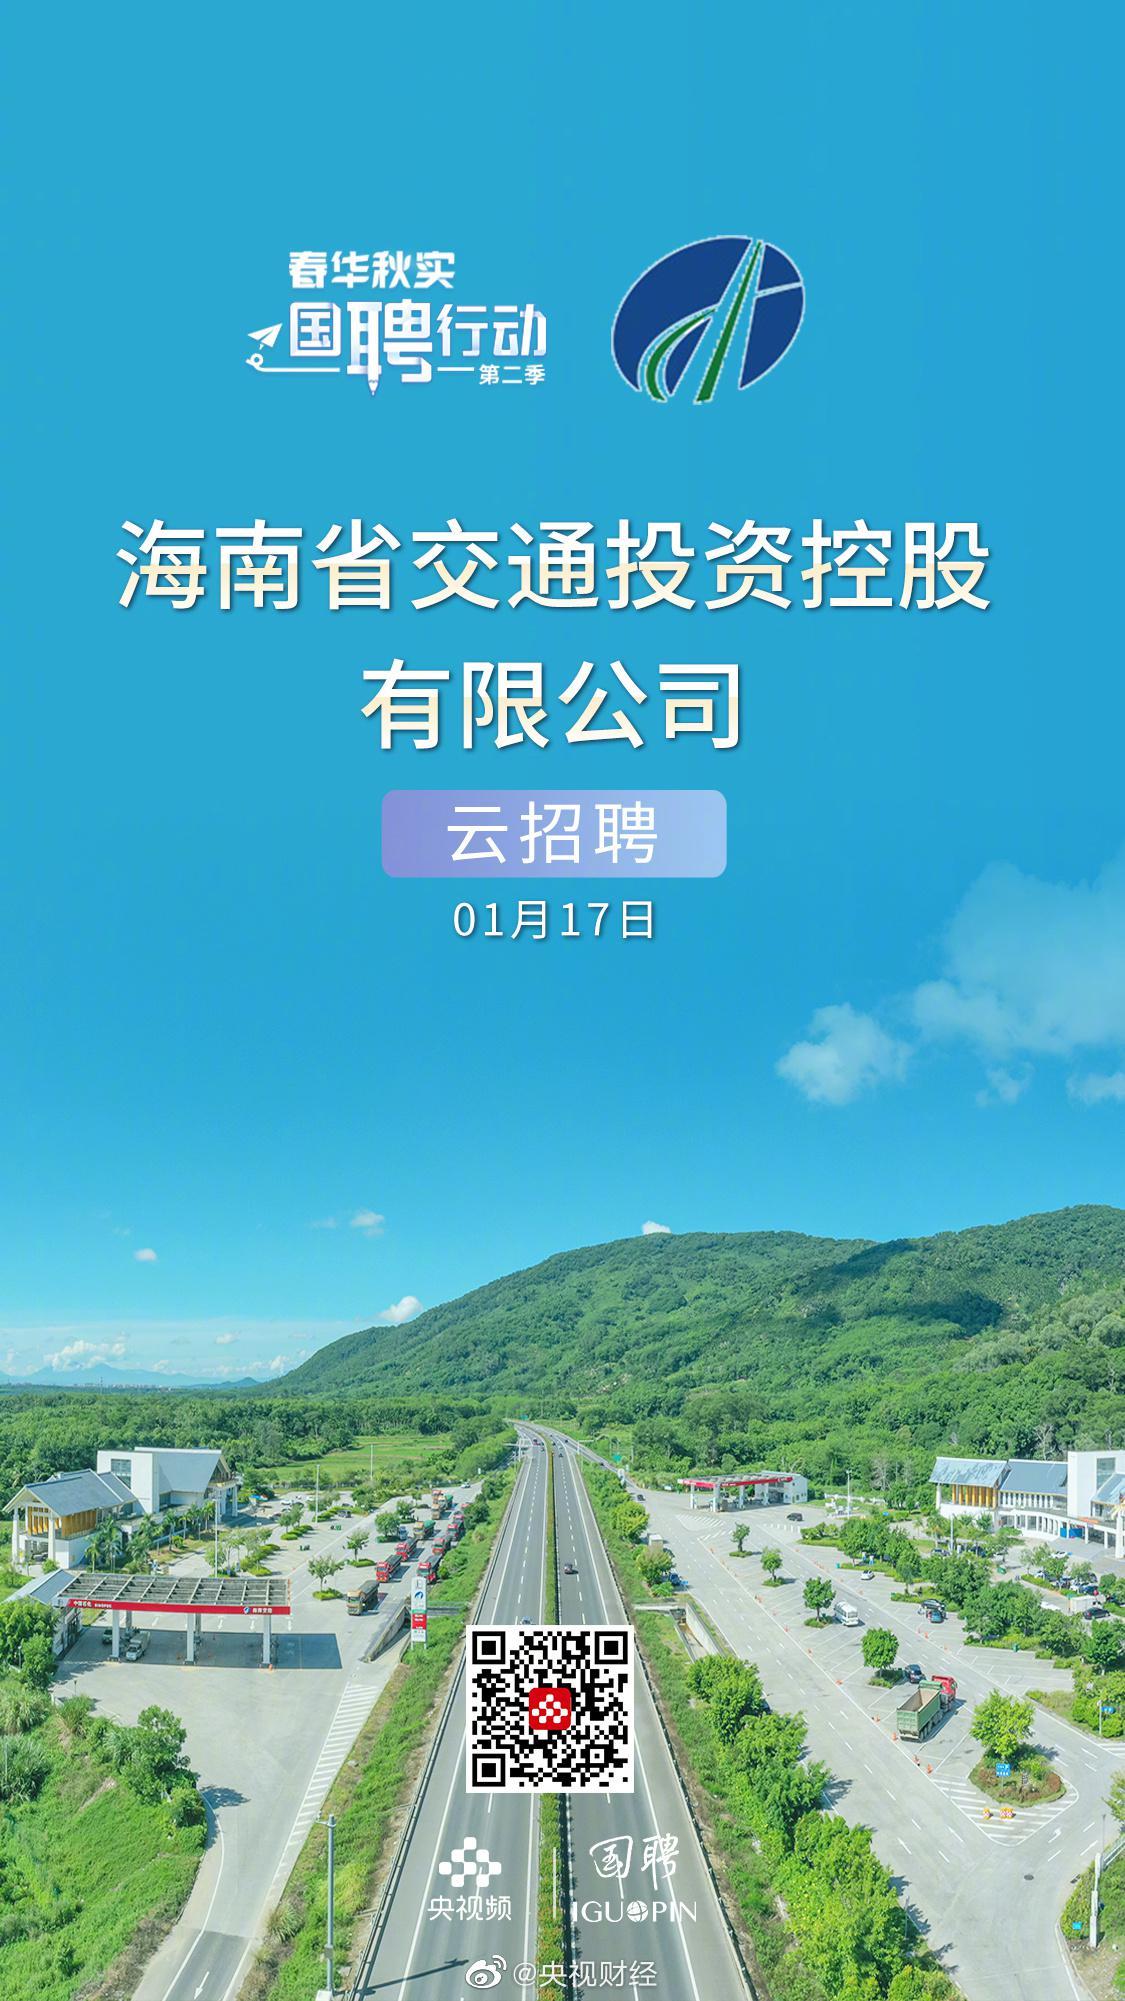 @ 有梦想的小伙伴们!海南省交通投资控股有限公司喊你加入